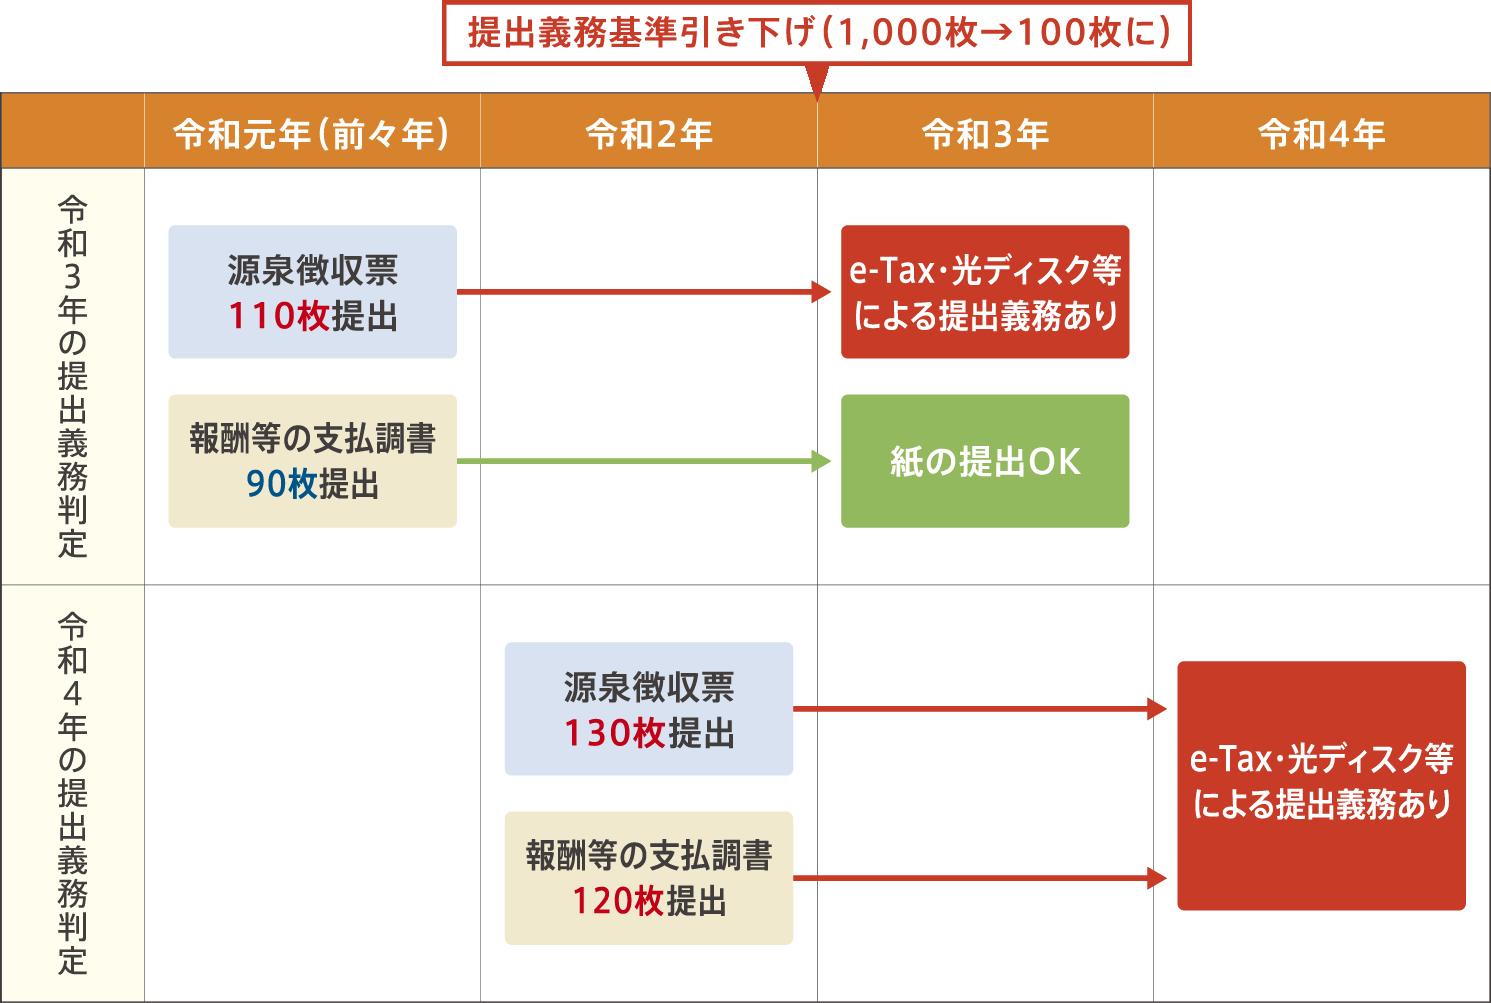 提出義務基準引き下げ(1,000枚→100枚に)